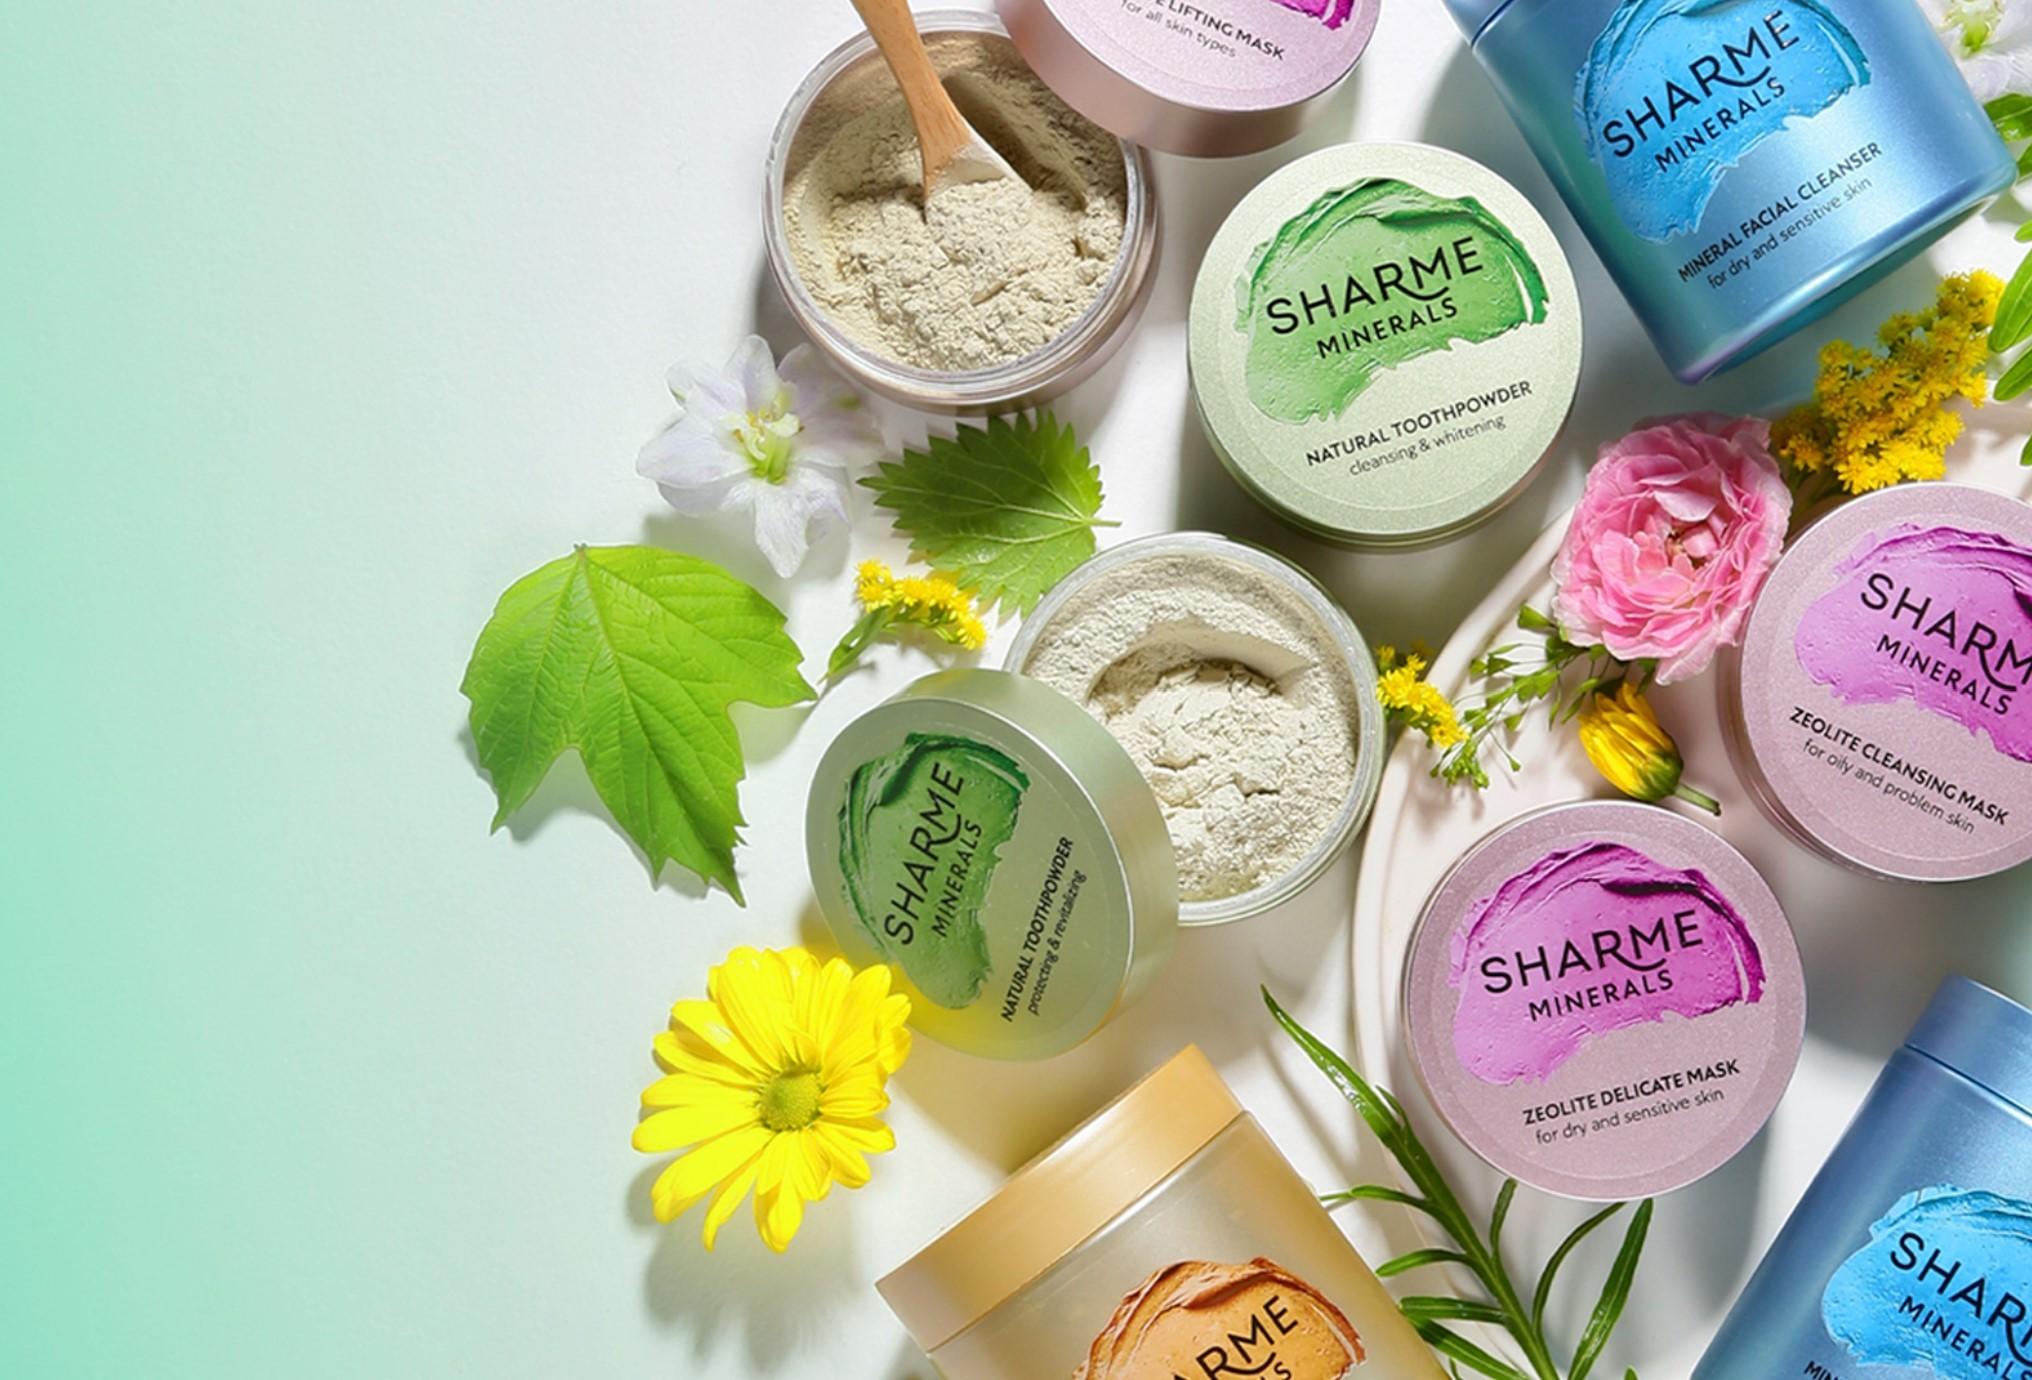 Sharme твердые шампуни, мыло, дезодоранты, эфирное масло, сухая и минеральная косметика, зубные пасты